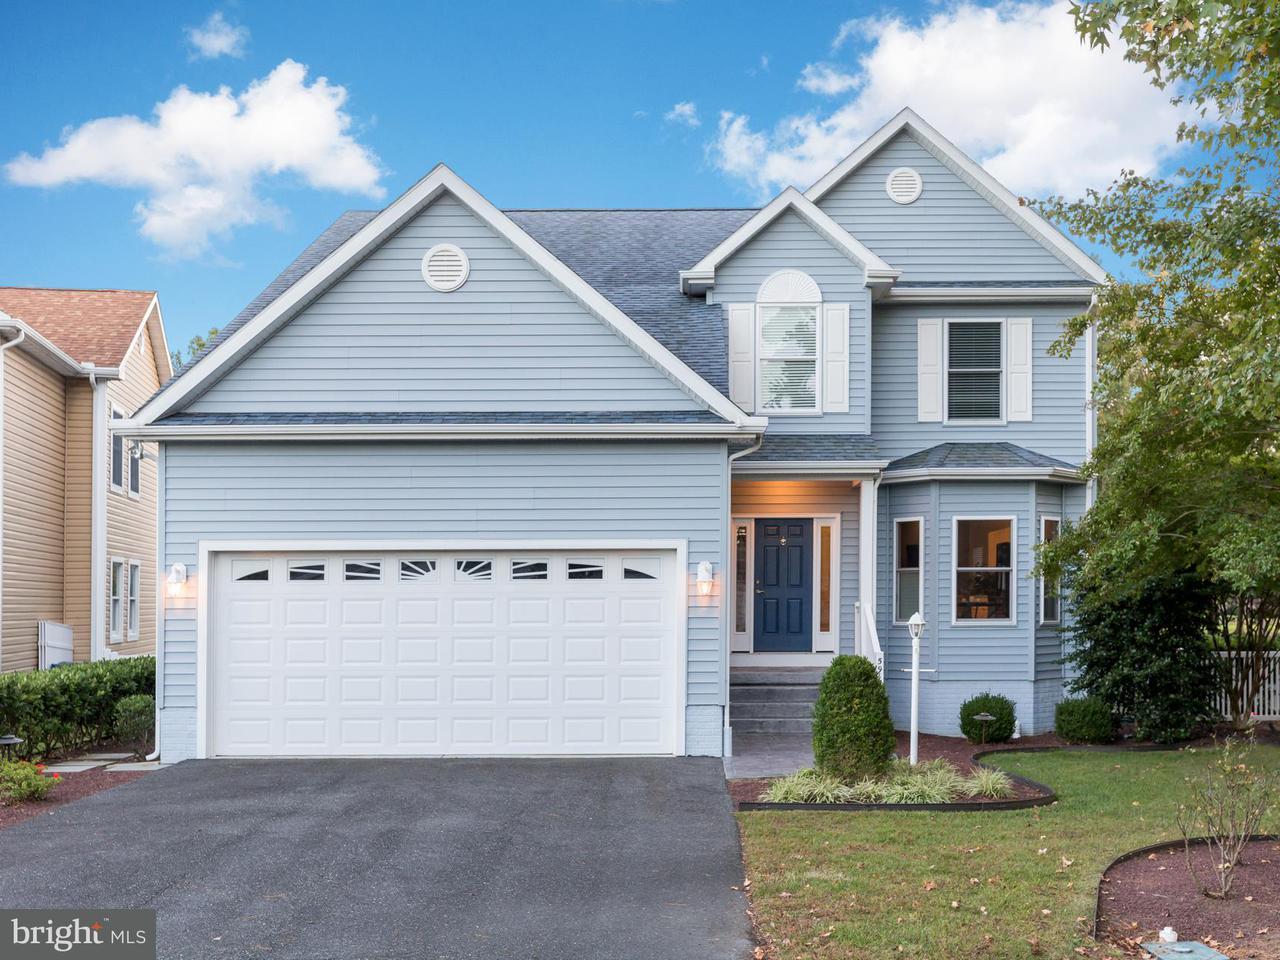 Casa Unifamiliar por un Venta en 59 CLUBHOUSE Drive 59 CLUBHOUSE Drive Ocean Pines, Maryland 21811 Estados Unidos